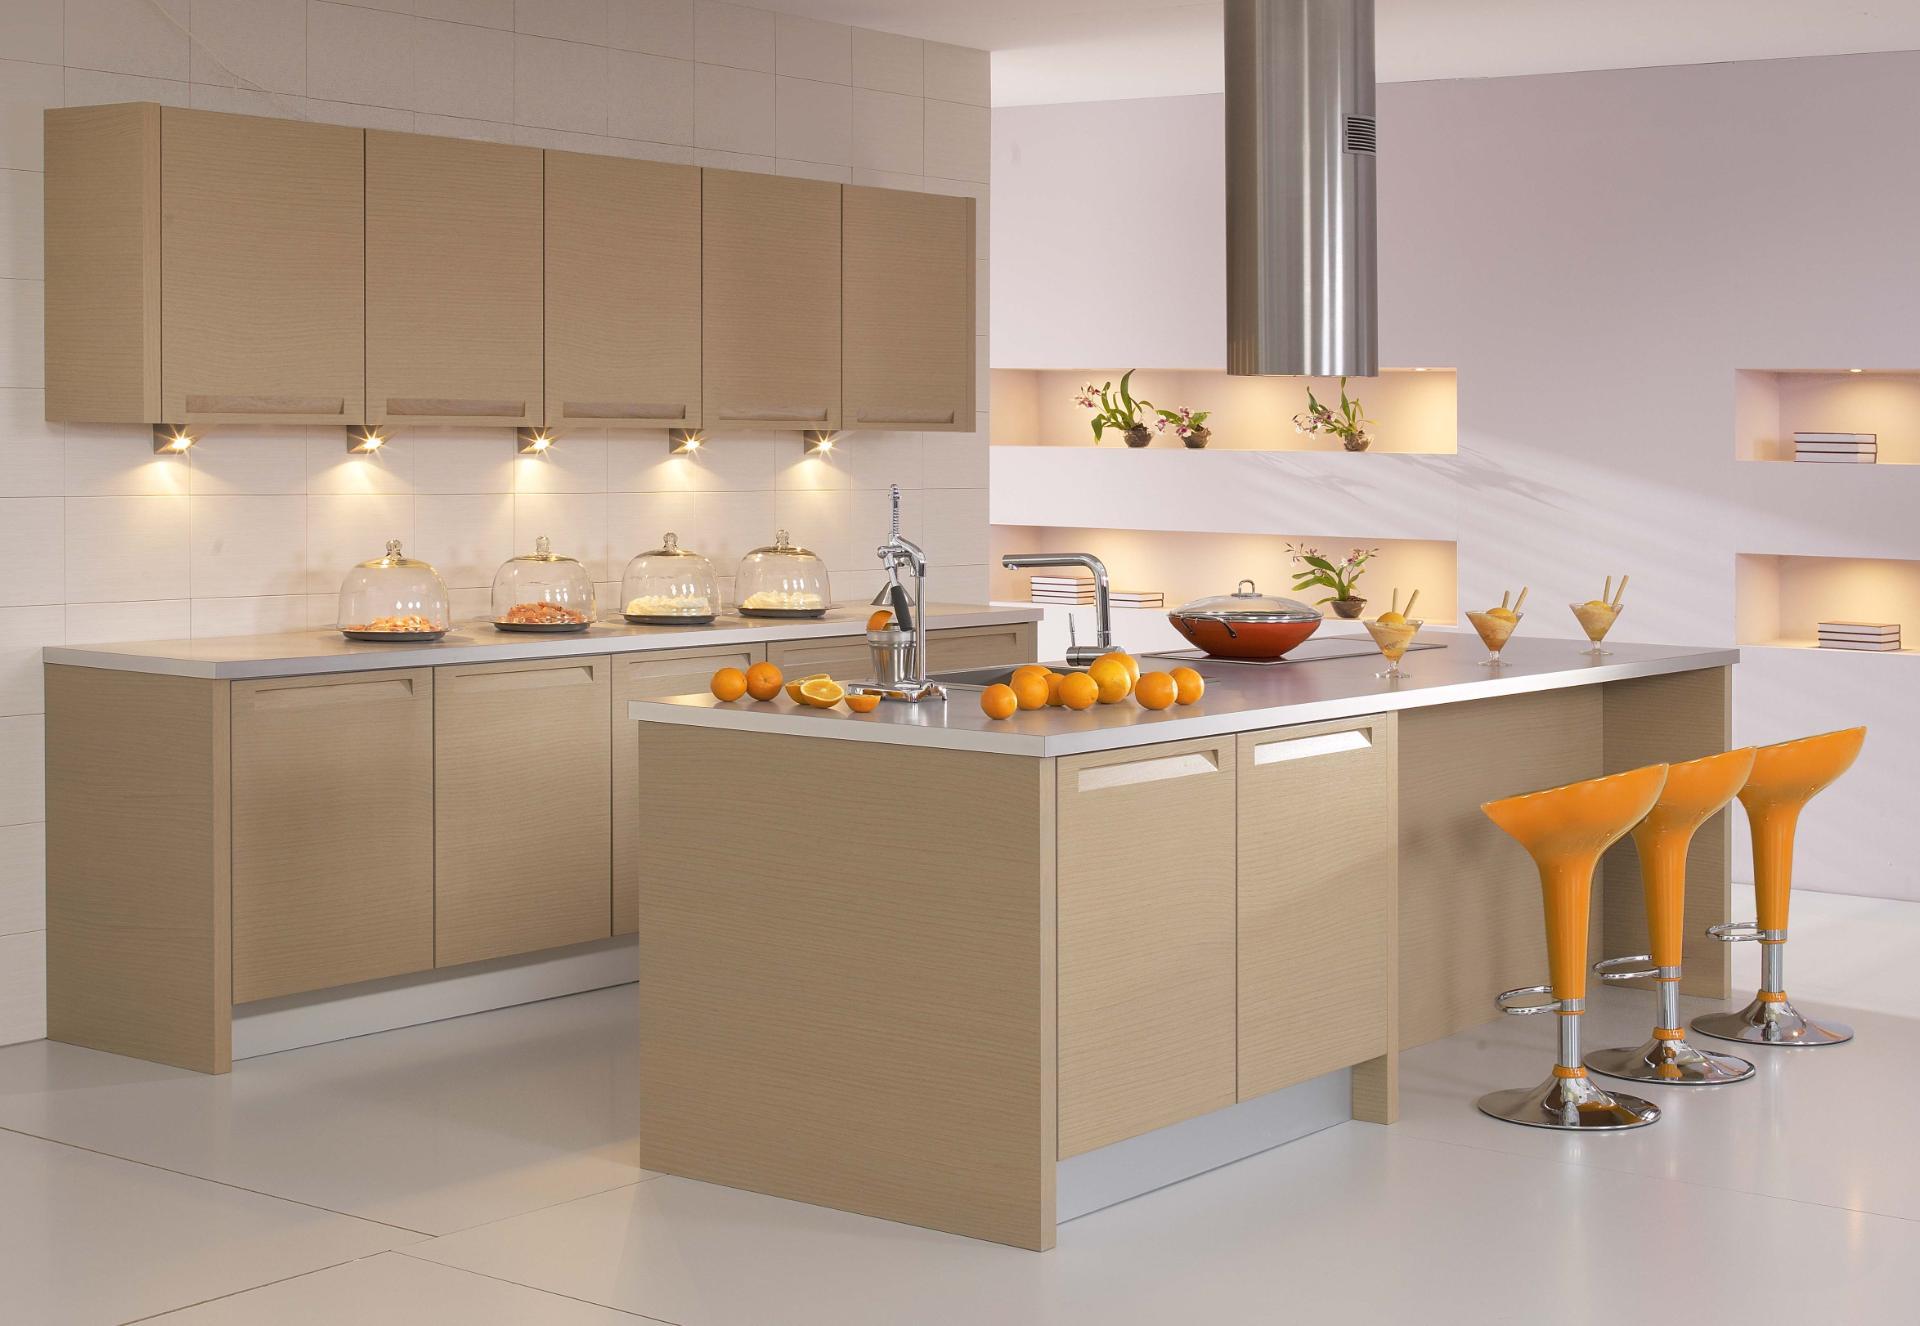 Dulapurile de bucatarie ce si cum sa alegem - Dulapurile de bucatarie ce si cum sa